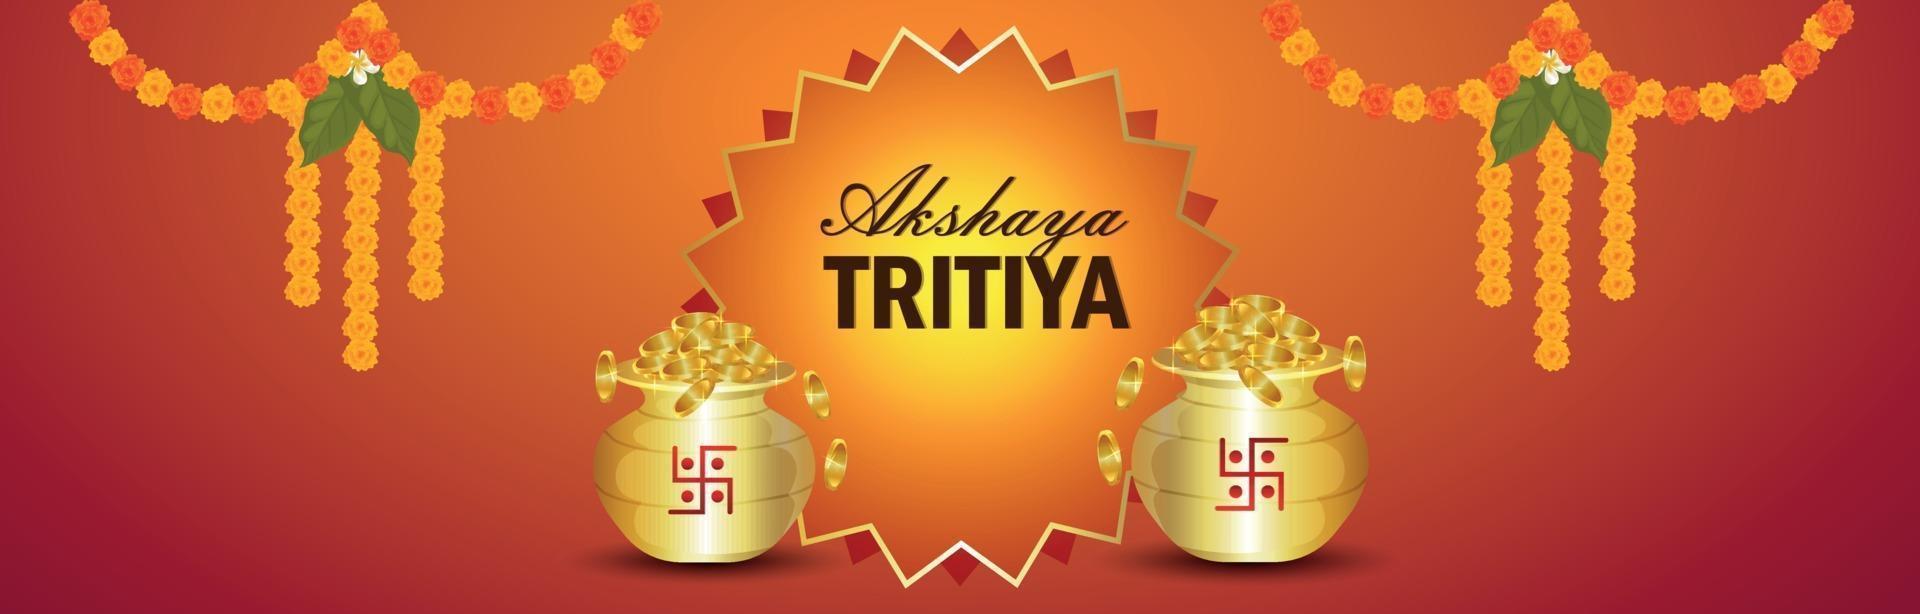 akshaya tritiya firande smycken försäljning banner med kreativa guldmynt vektor